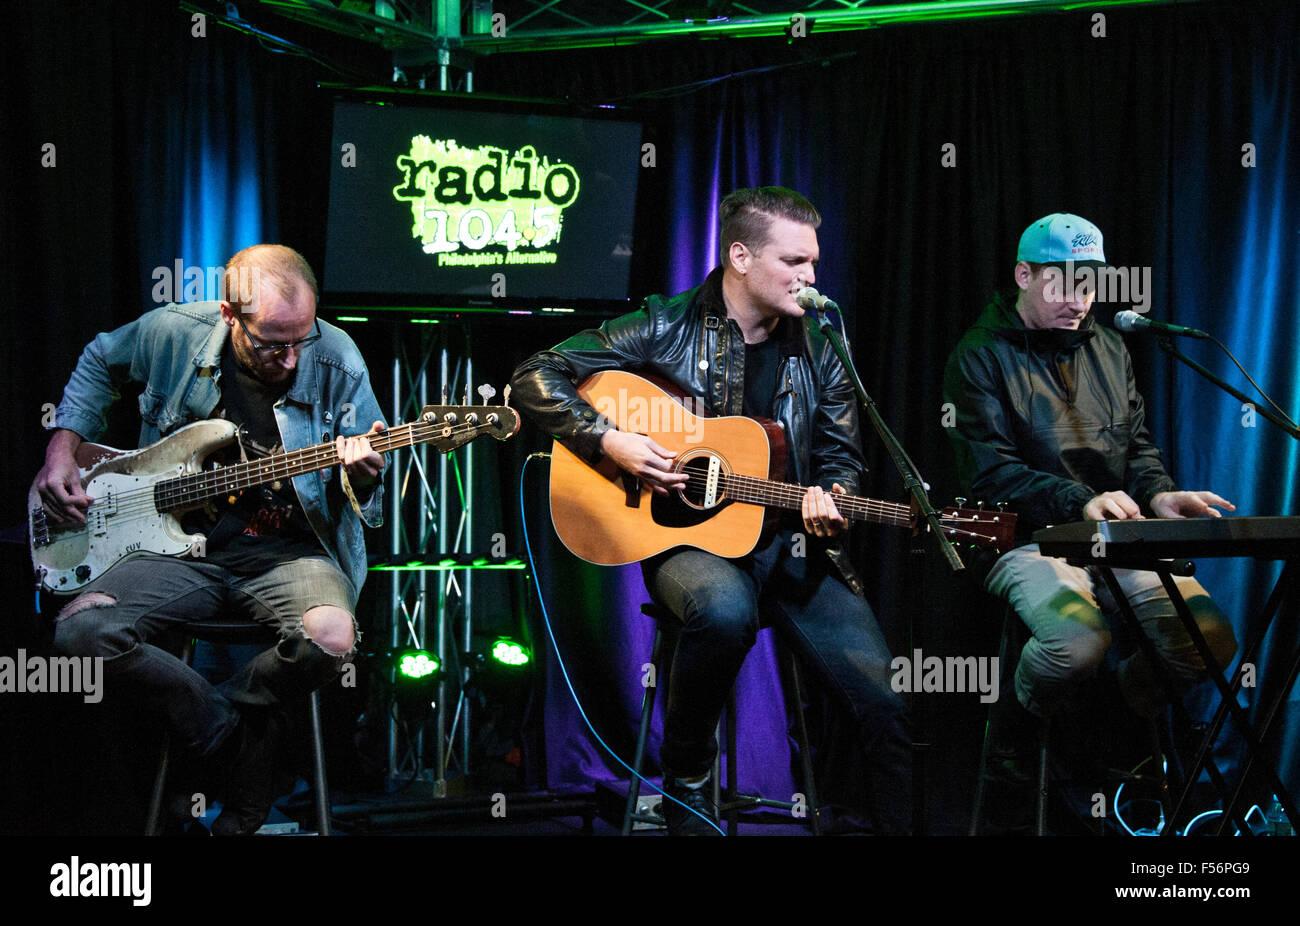 Bala Cynwyd, Pennsylvania, Estados Unidos. 28 de octubre de 2015. Banda estadounidense de rock alternativo Guerra Imagen De Stock